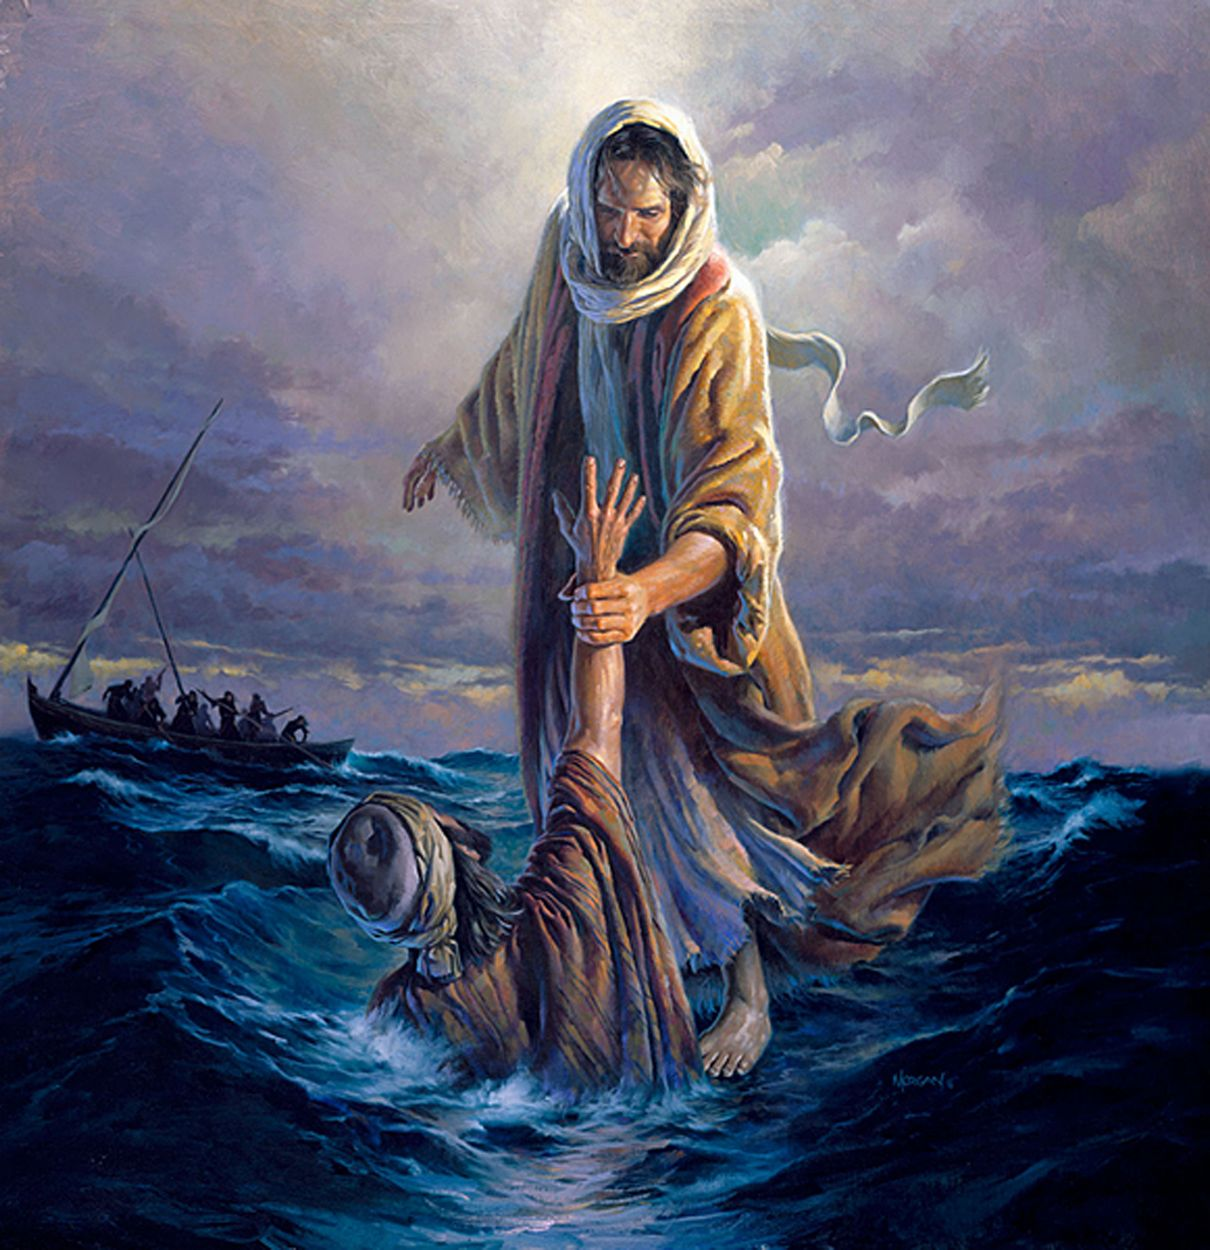 бог и человек картинки со смыслом представленных снимках